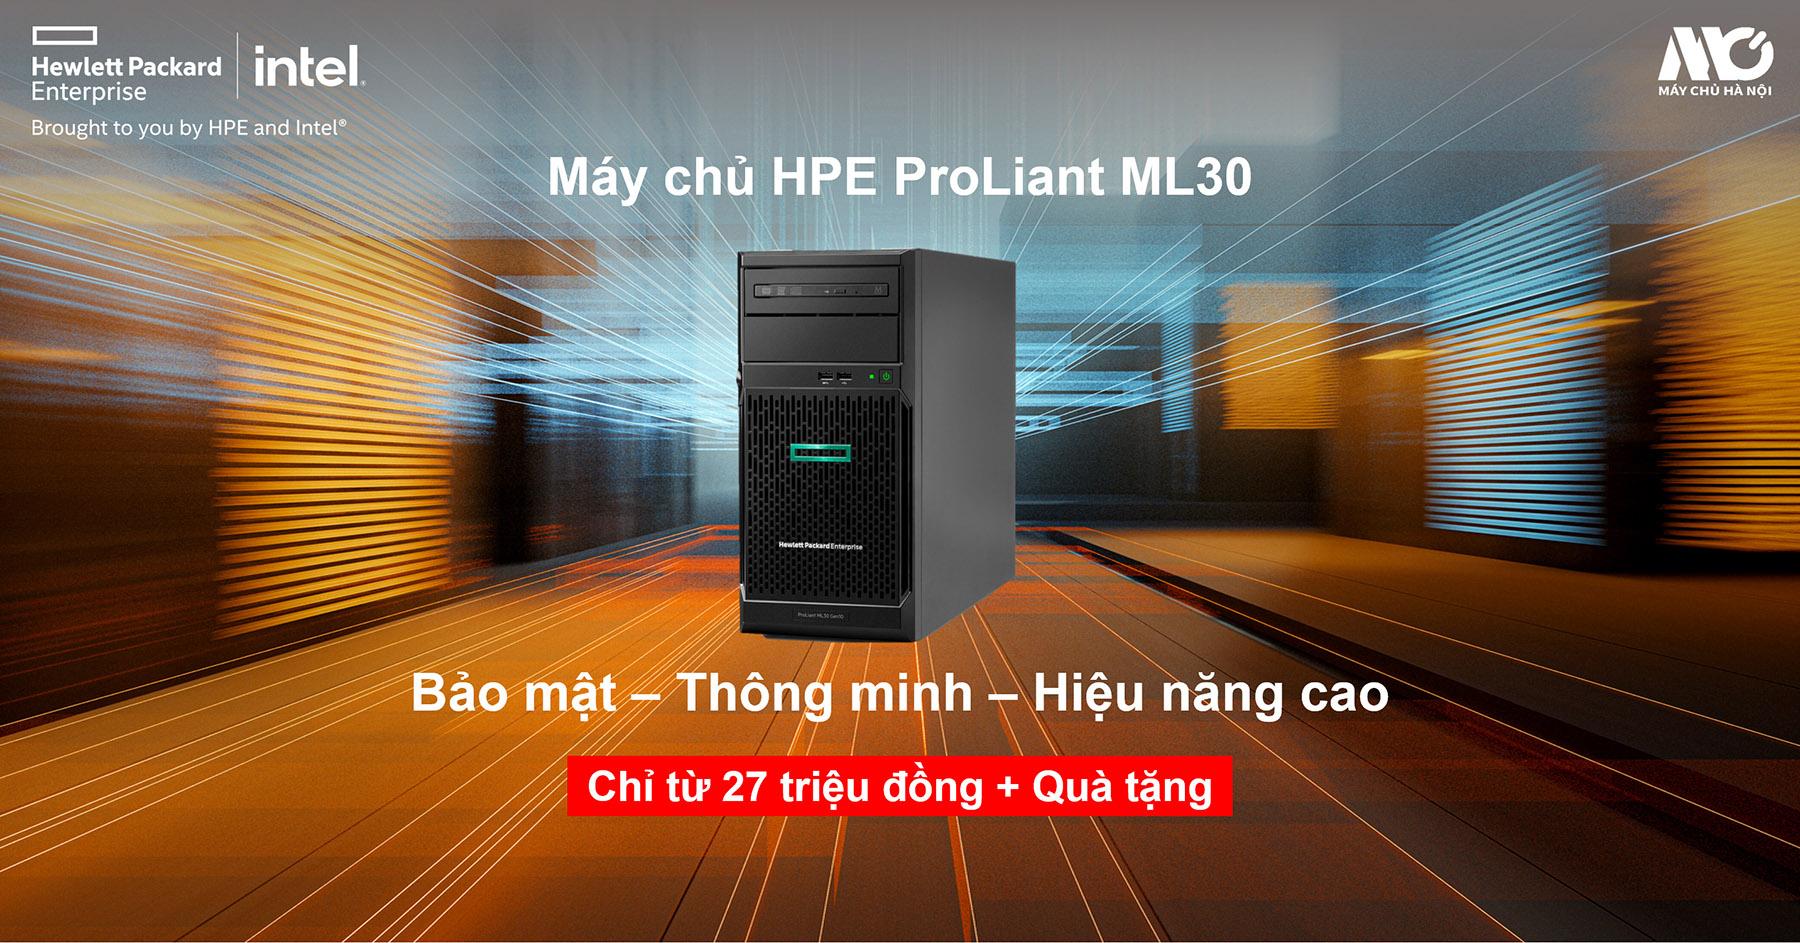 Khuyến mãi mua máy chủ HPE tặng bộ lưu điện trị giá 1tr200.000 vnđ